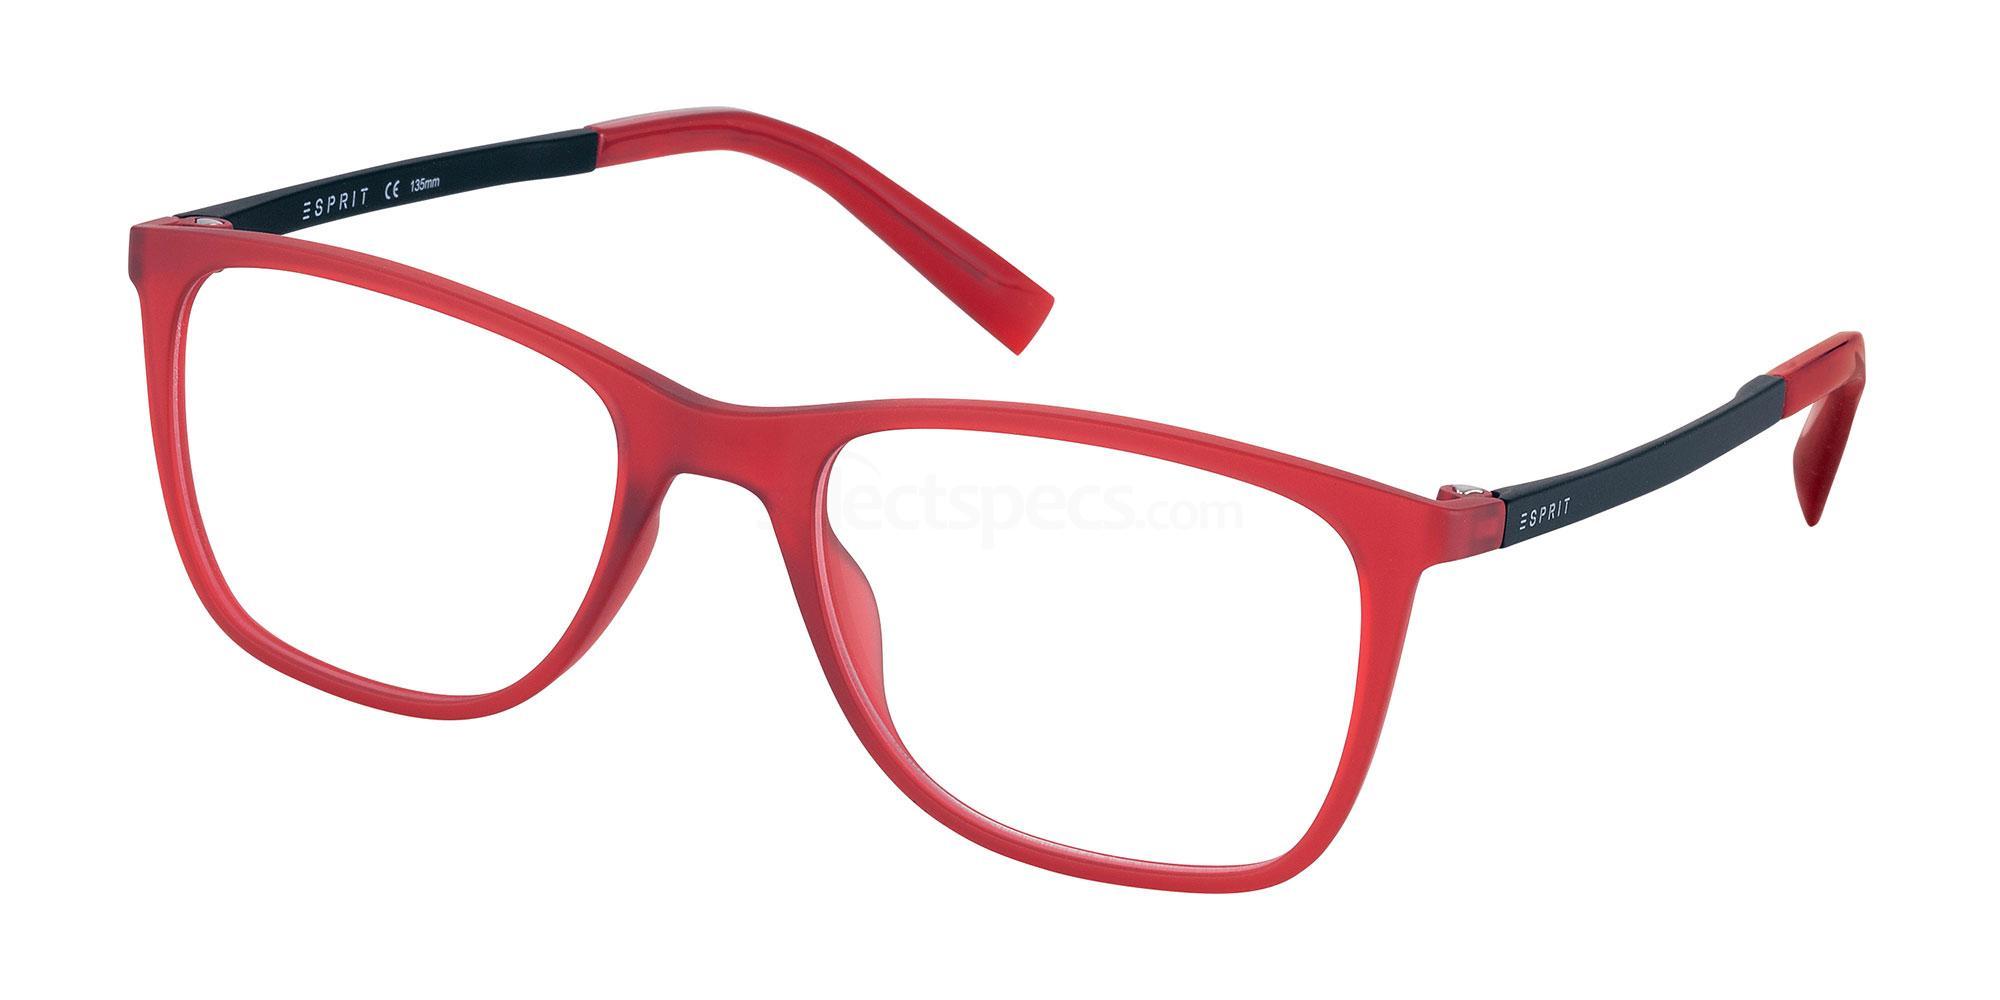 531 ET33425 Small Fit Glasses, Esprit